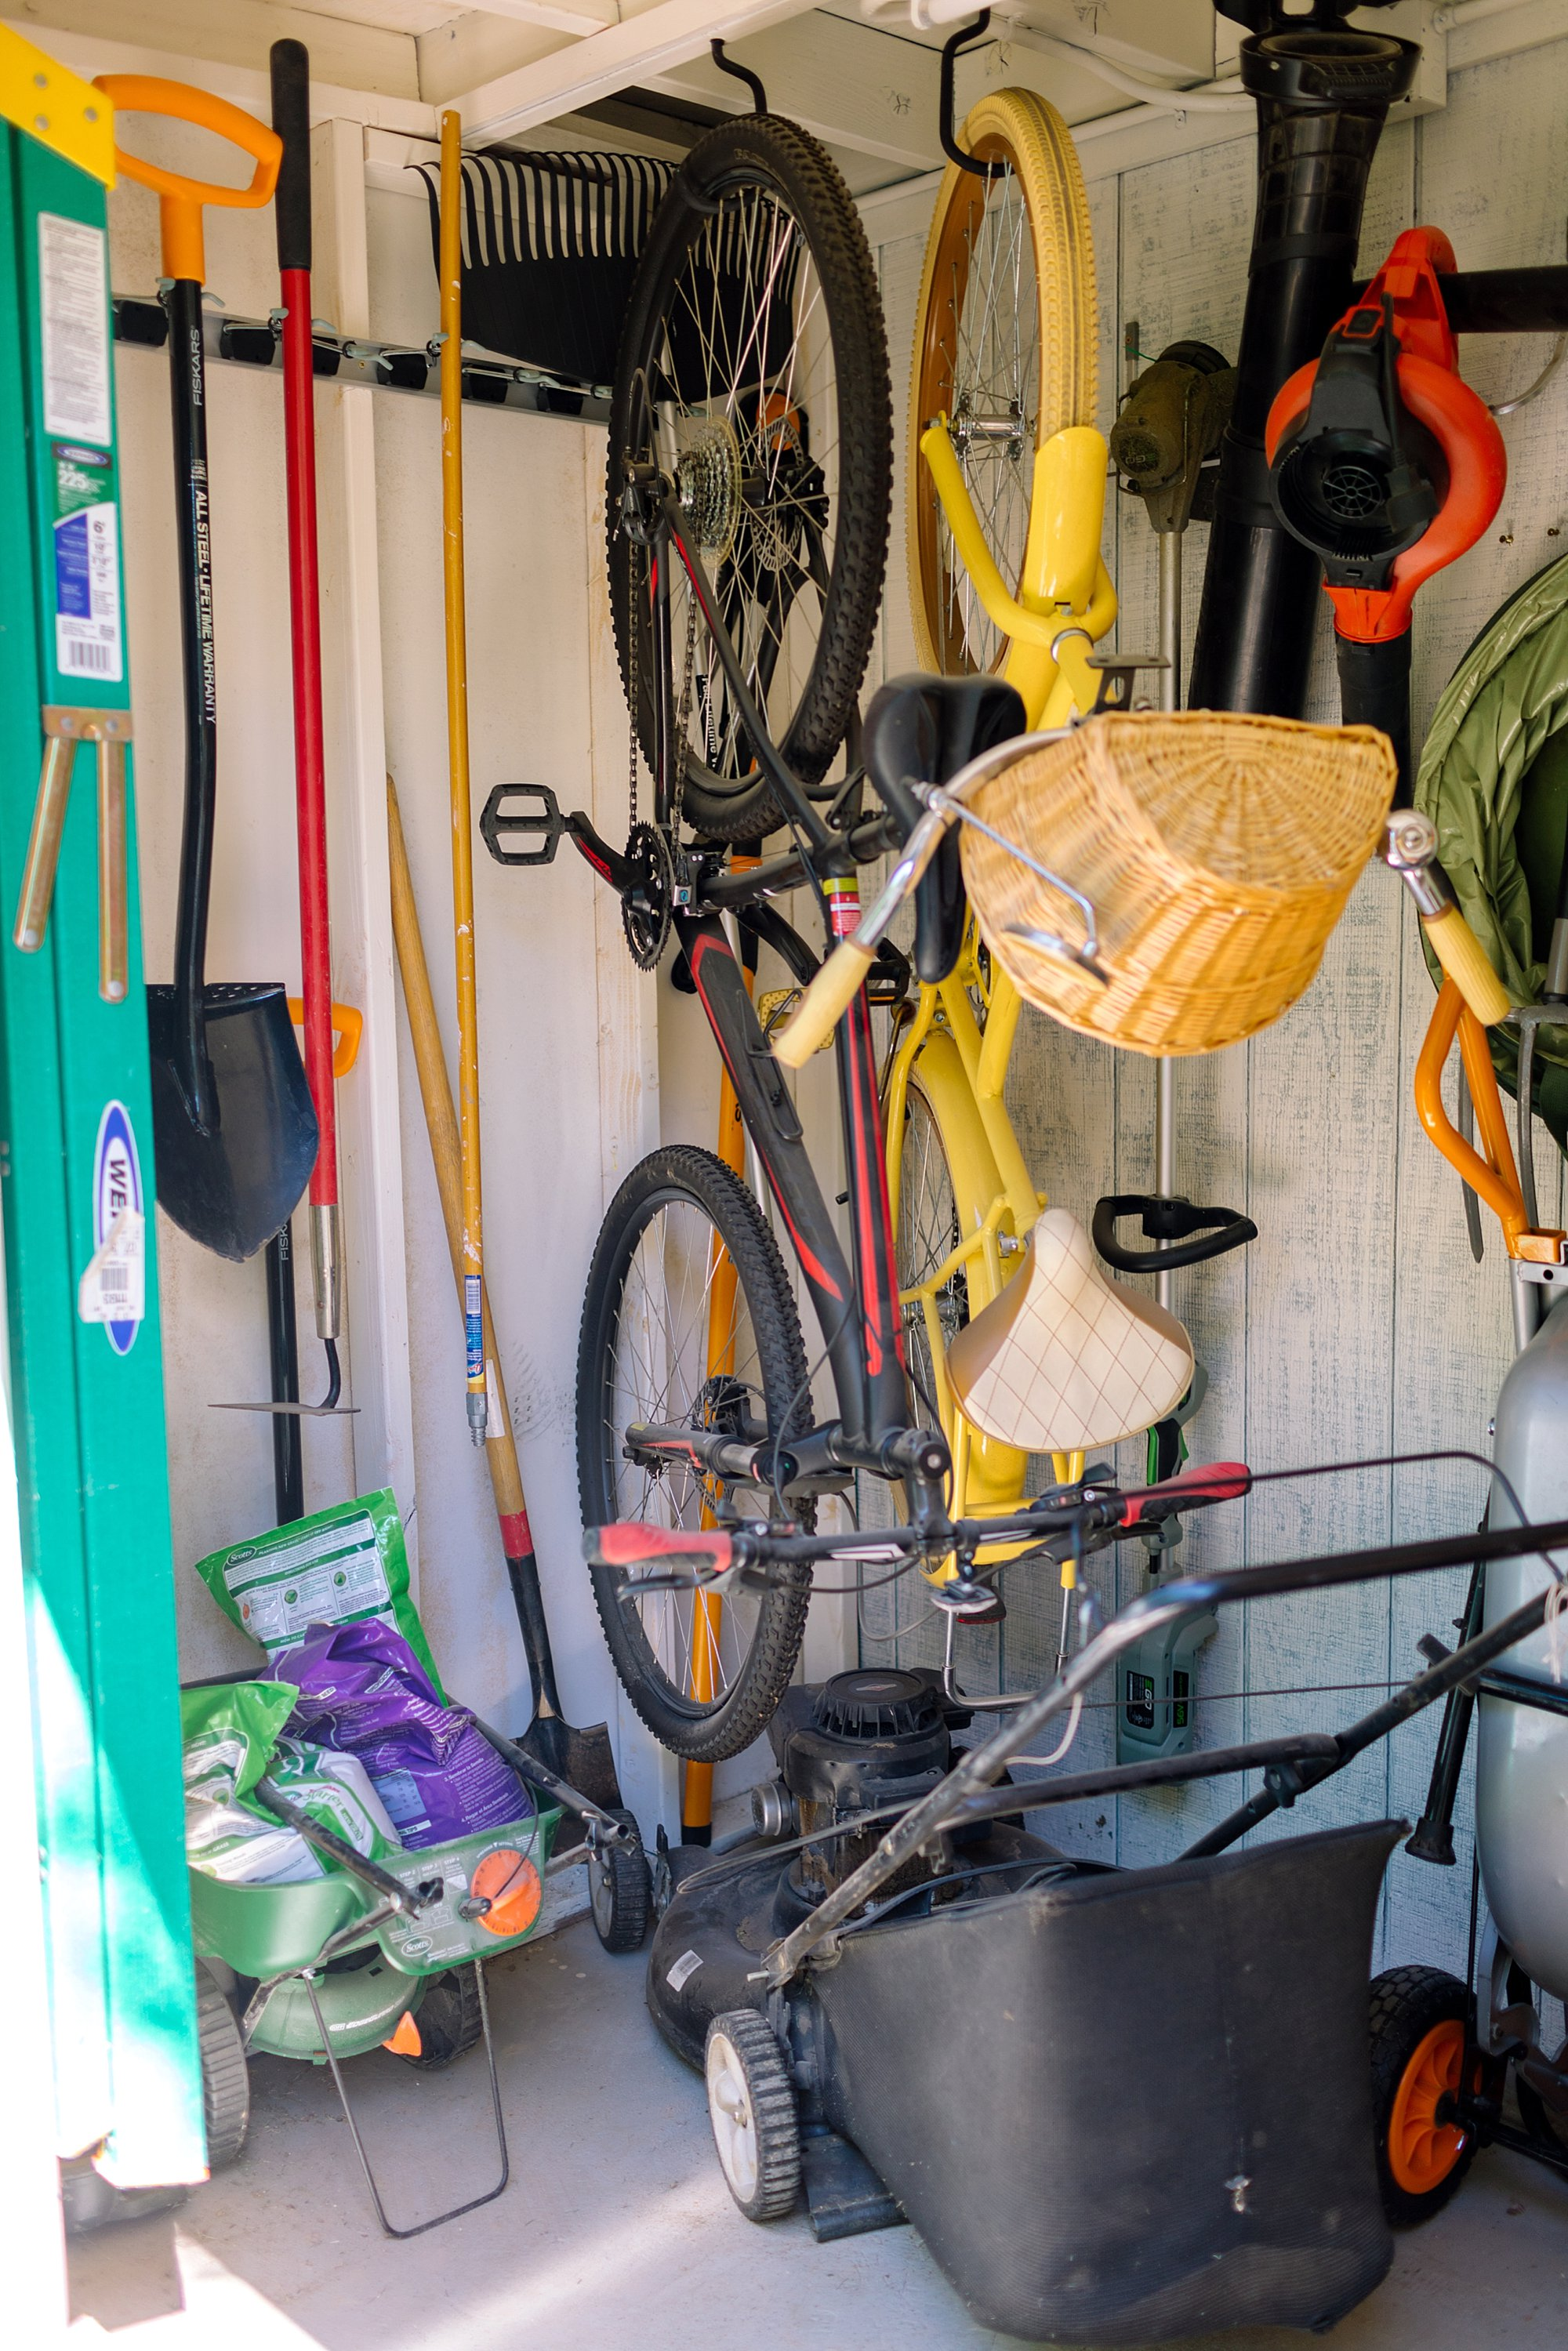 custombackyard tool shed Fiskars garden tools tour